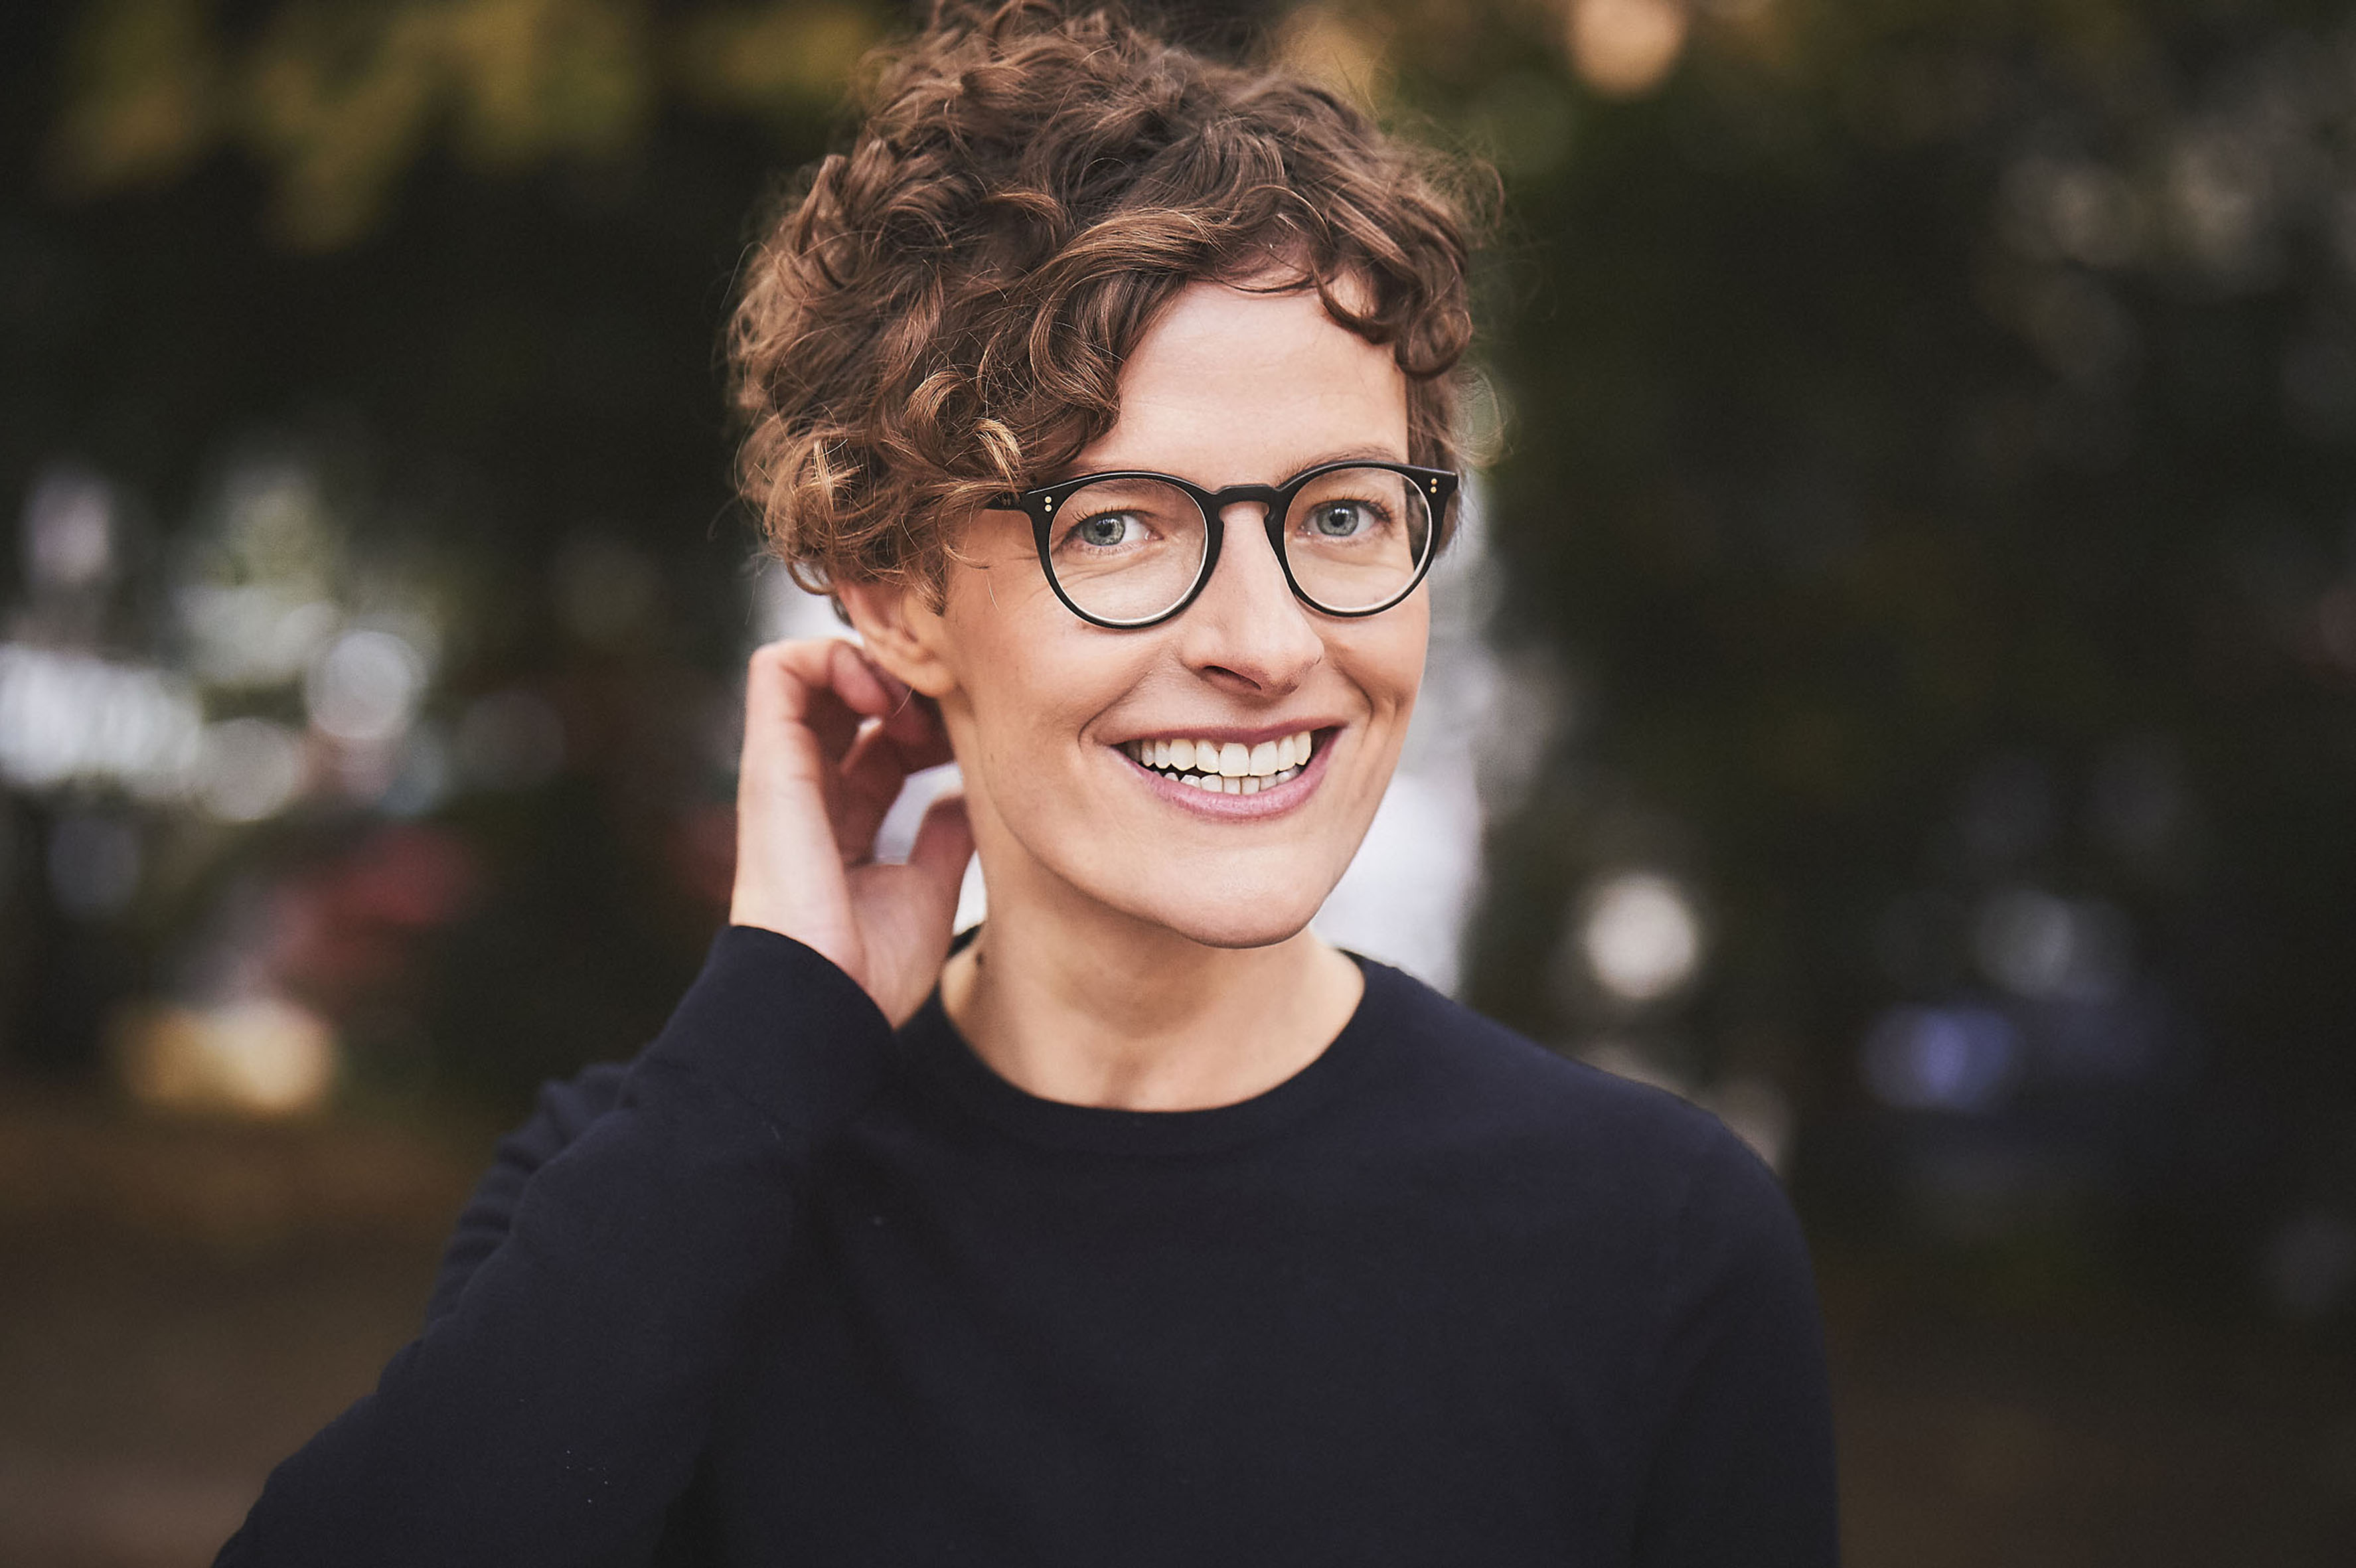 Julia Fritzsche: Tiefrot und radikal bunt - Für eine neue linke Erzählung @ zakk, Studio